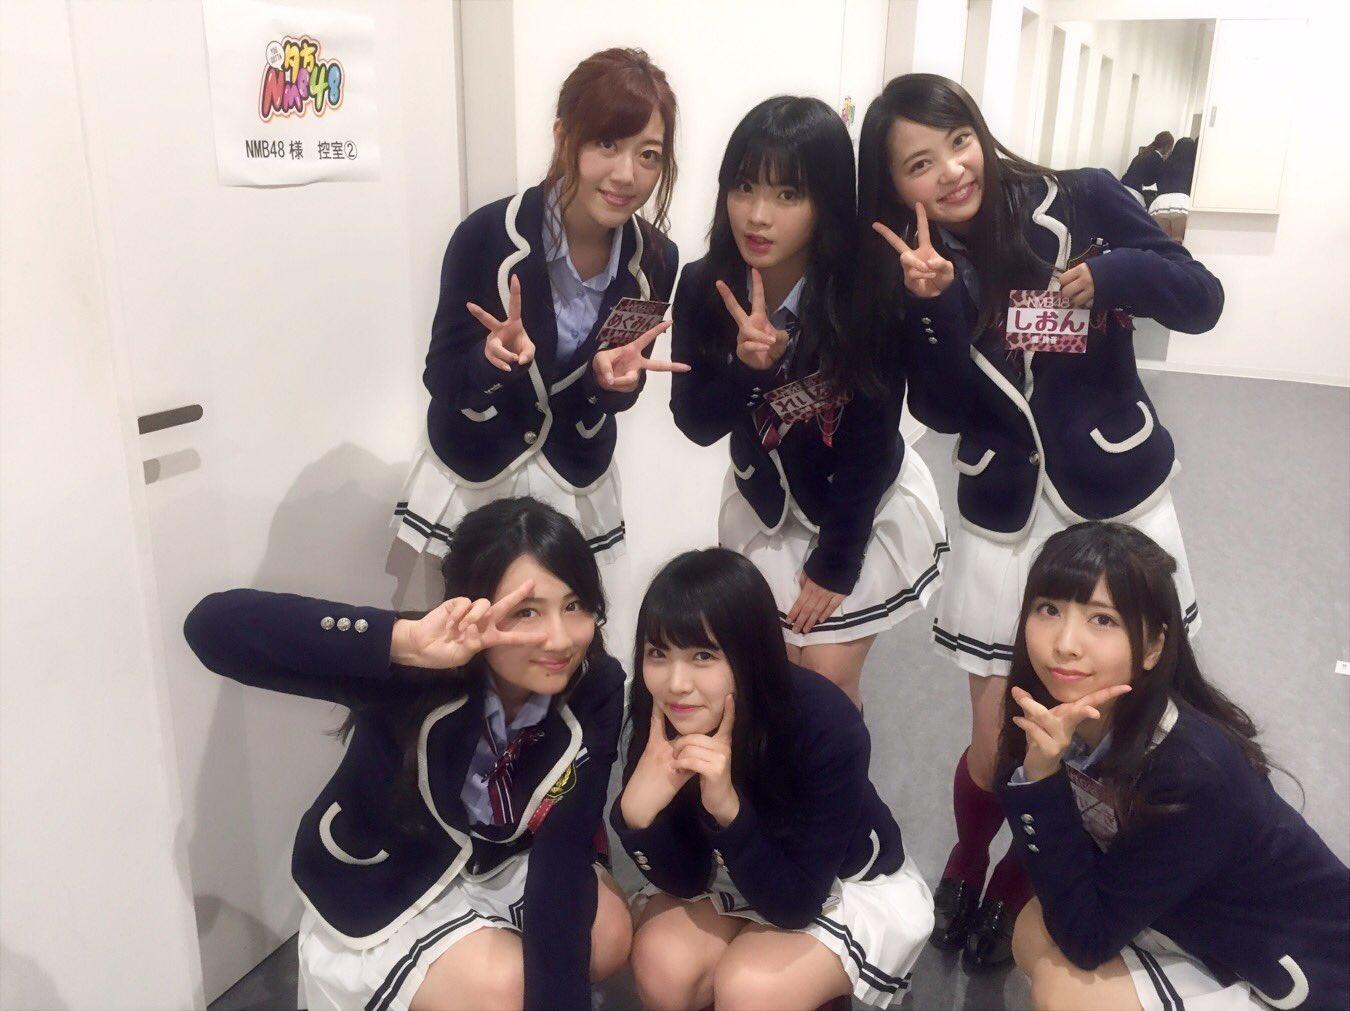 NMB48メンバーの集合写真(後ろの鏡に映り込む中野麗来のパンツ)